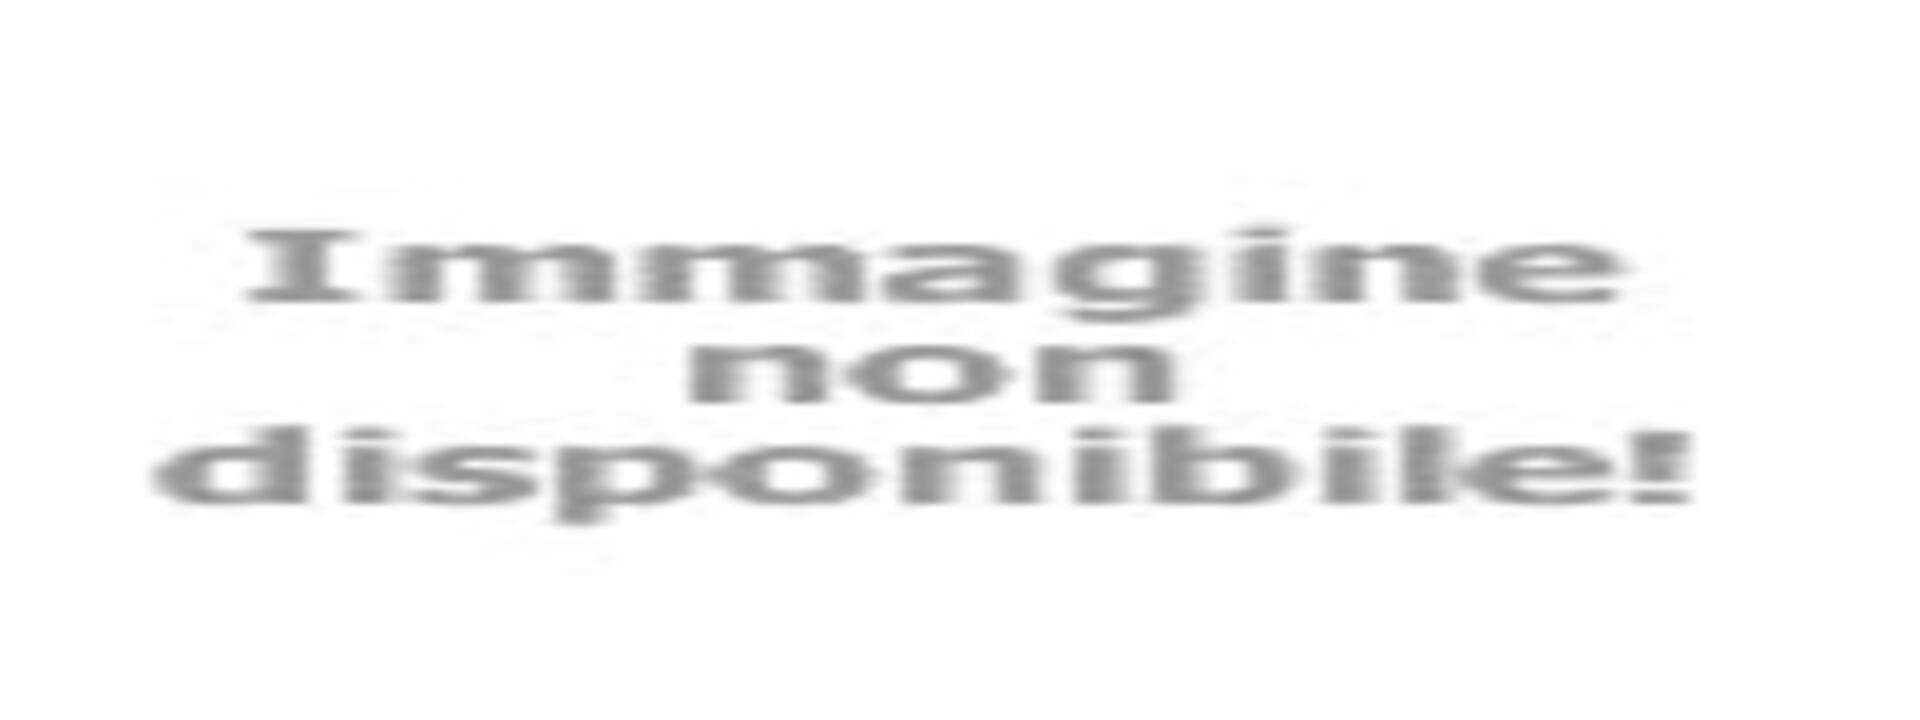 riccionepiadina it piadina-farro-bio 002